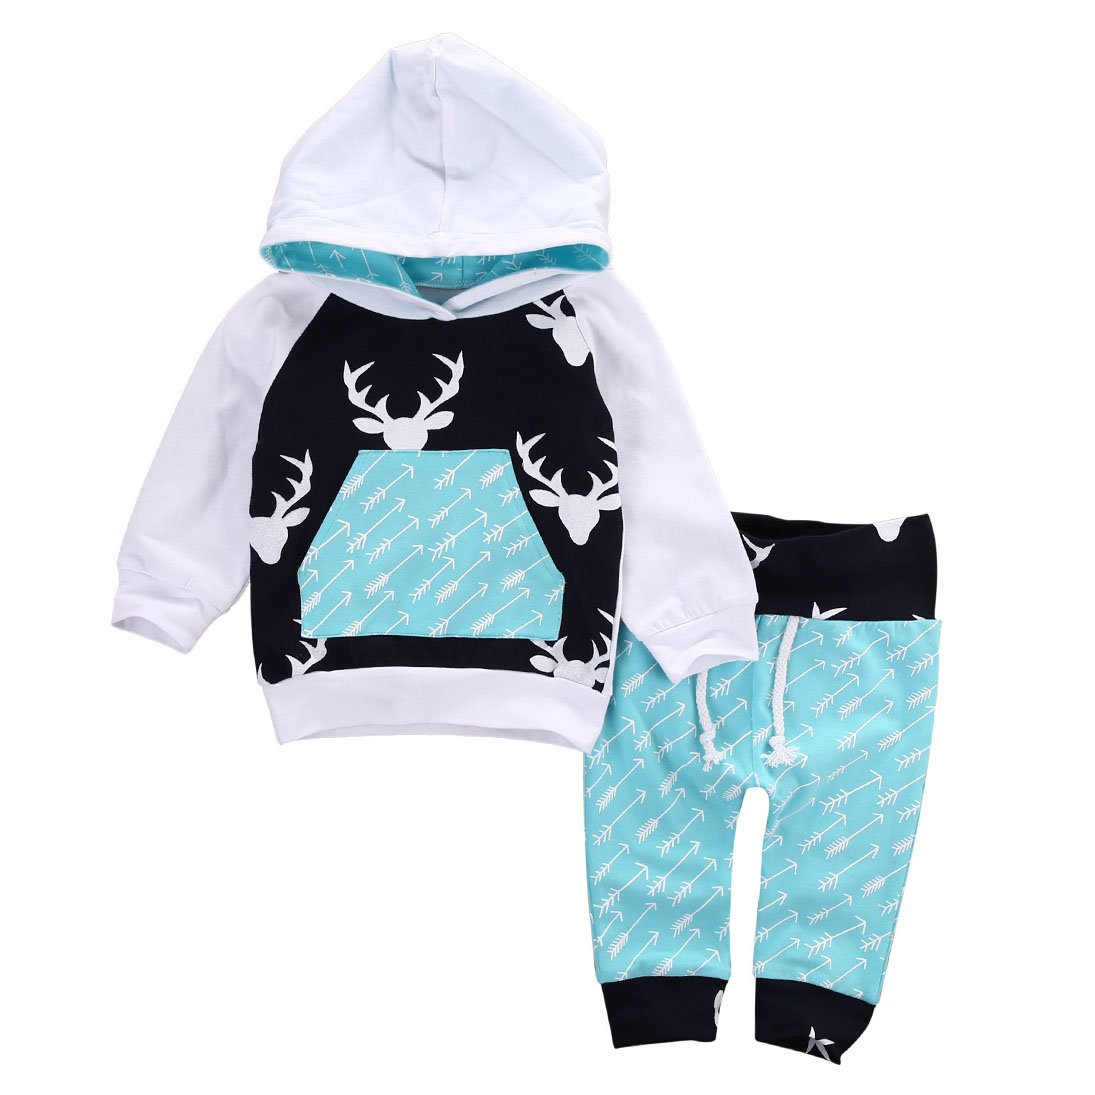 Weihnachten Christmas Unisex Kinder Outfits - Highdas Mädchen Jungen Sportanzug Outerwear Elch Hooded Shirt + Hosen 2 Stück Weihnachtsset Sport Änzuge 0-5 Jahre D171012SY2